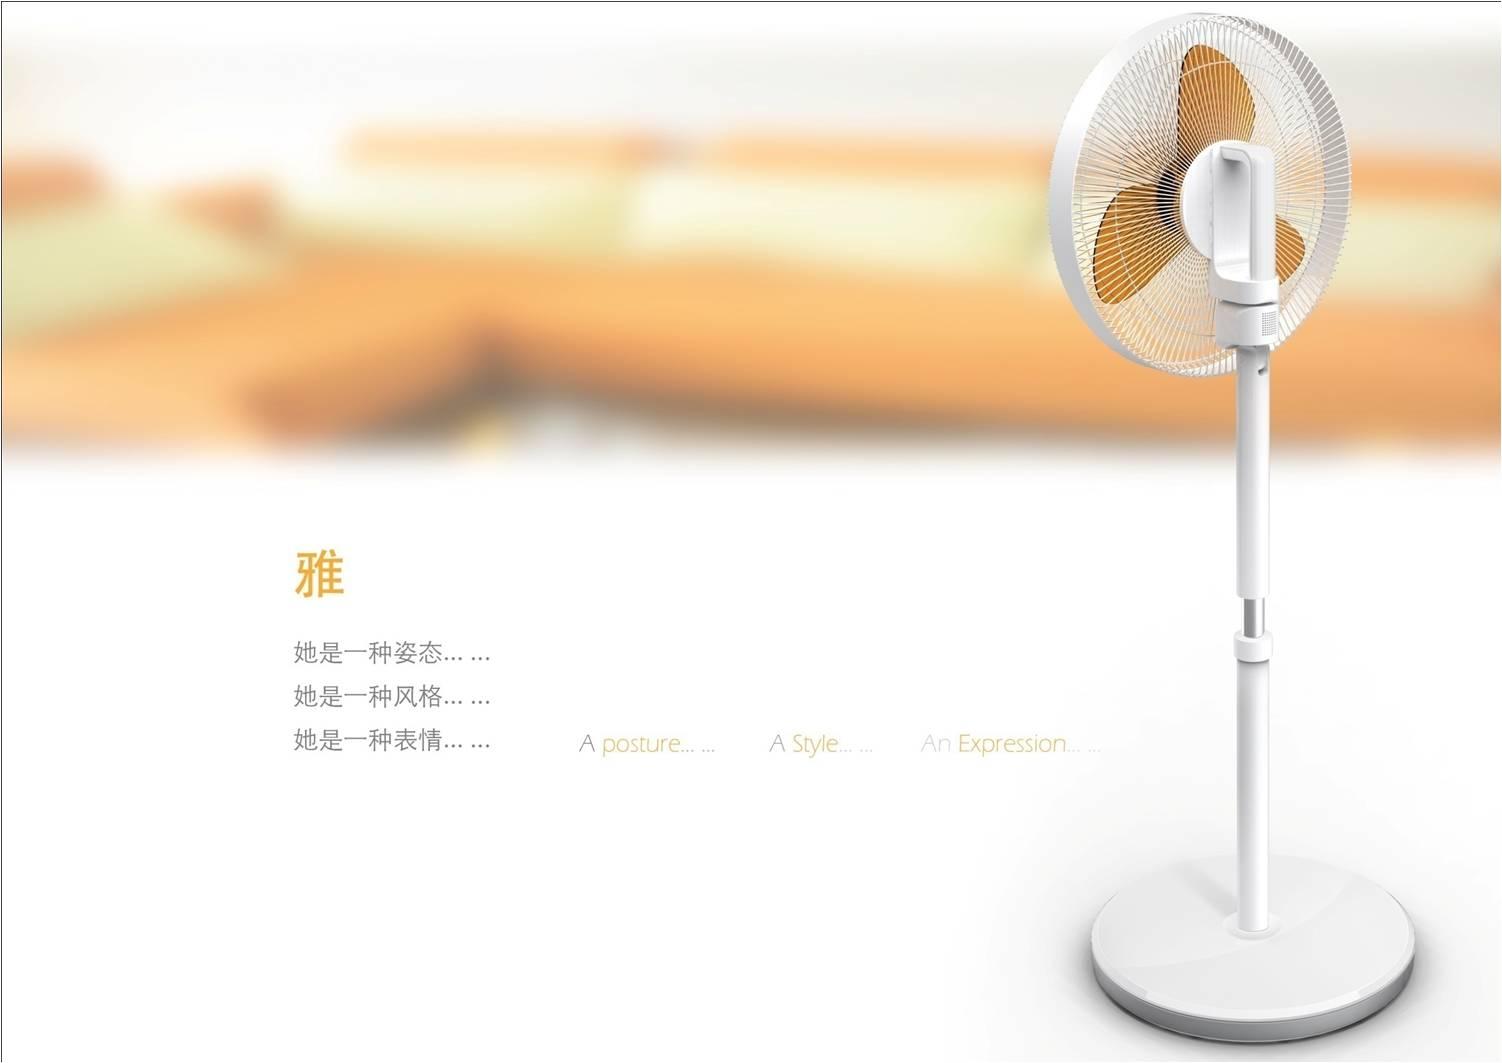 落地风扇产品设计,外观设计